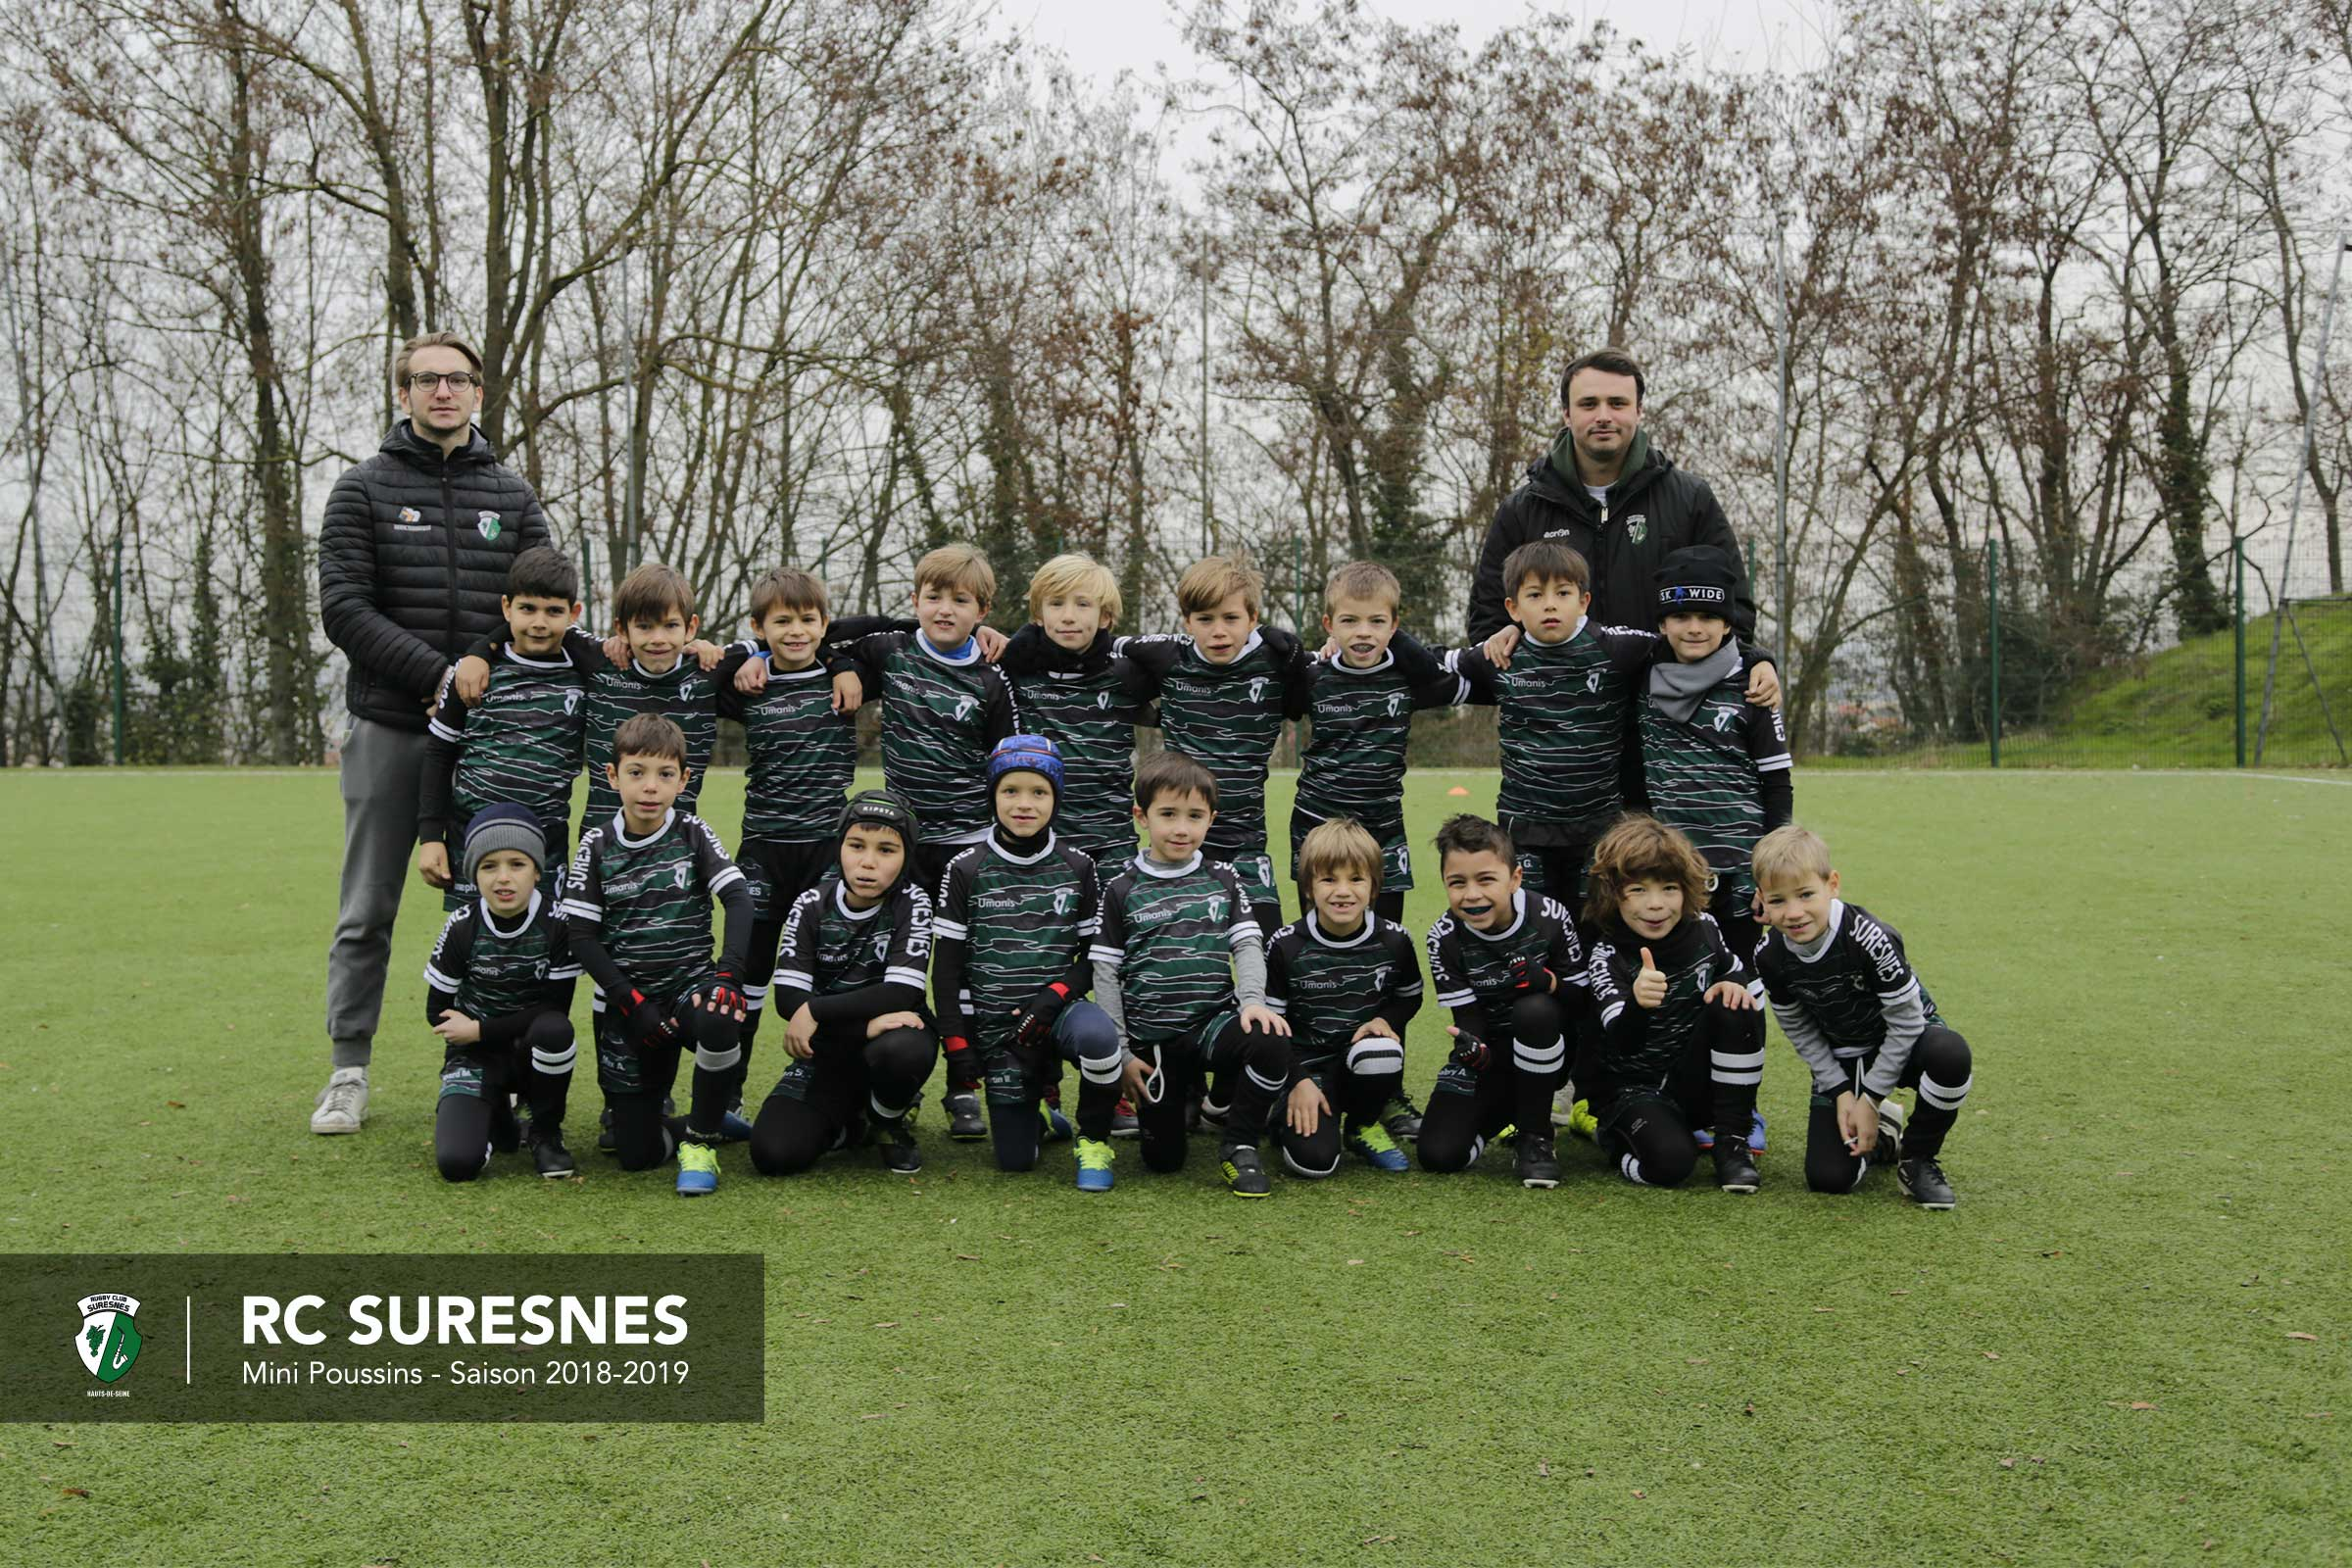 Les Mini-Poussins du Rugby Club Suresnes Hauts-de-Seine / Saison 2018-2019